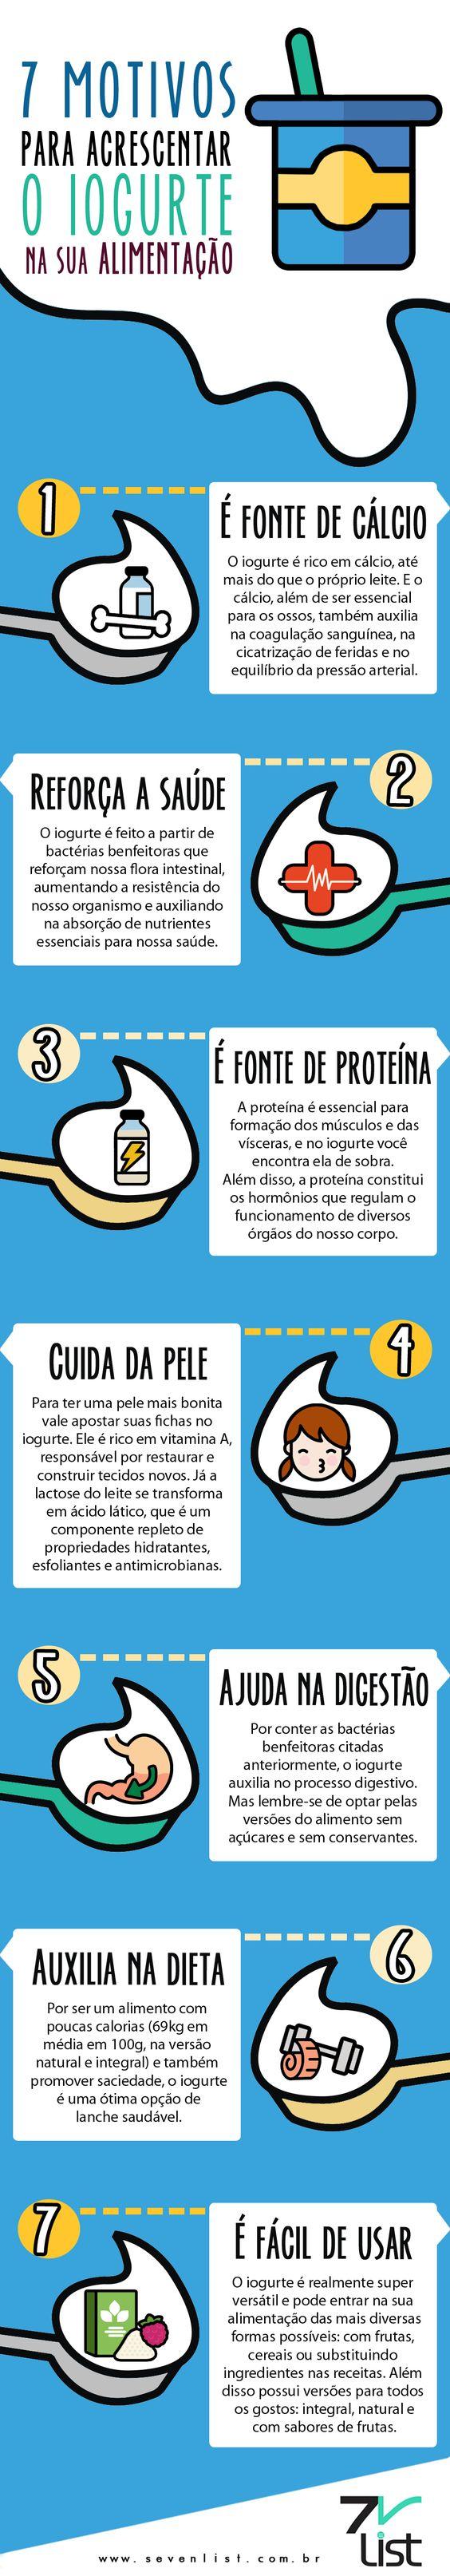 O iogurte além de delicioso, também é fonte de nutrientes importantes para nossa saúde. E para te conquistar de vez, ele ainda pode ser um aliado da sua dieta. Foi pensando nisso que o Seven List separou 7 motivos para acrescentar o iogurte na sua alimentação. #SevenList #Infográfico #Infographic #Illustration #Ilustração #List #Lista #Alimentação #Food #Iogurte #Yogurt #Cálcio #Leite #Alimentaçãosaudável #Comerbem #Proteína #Saúde #Dieta #Pele #Corpo #Digestão: